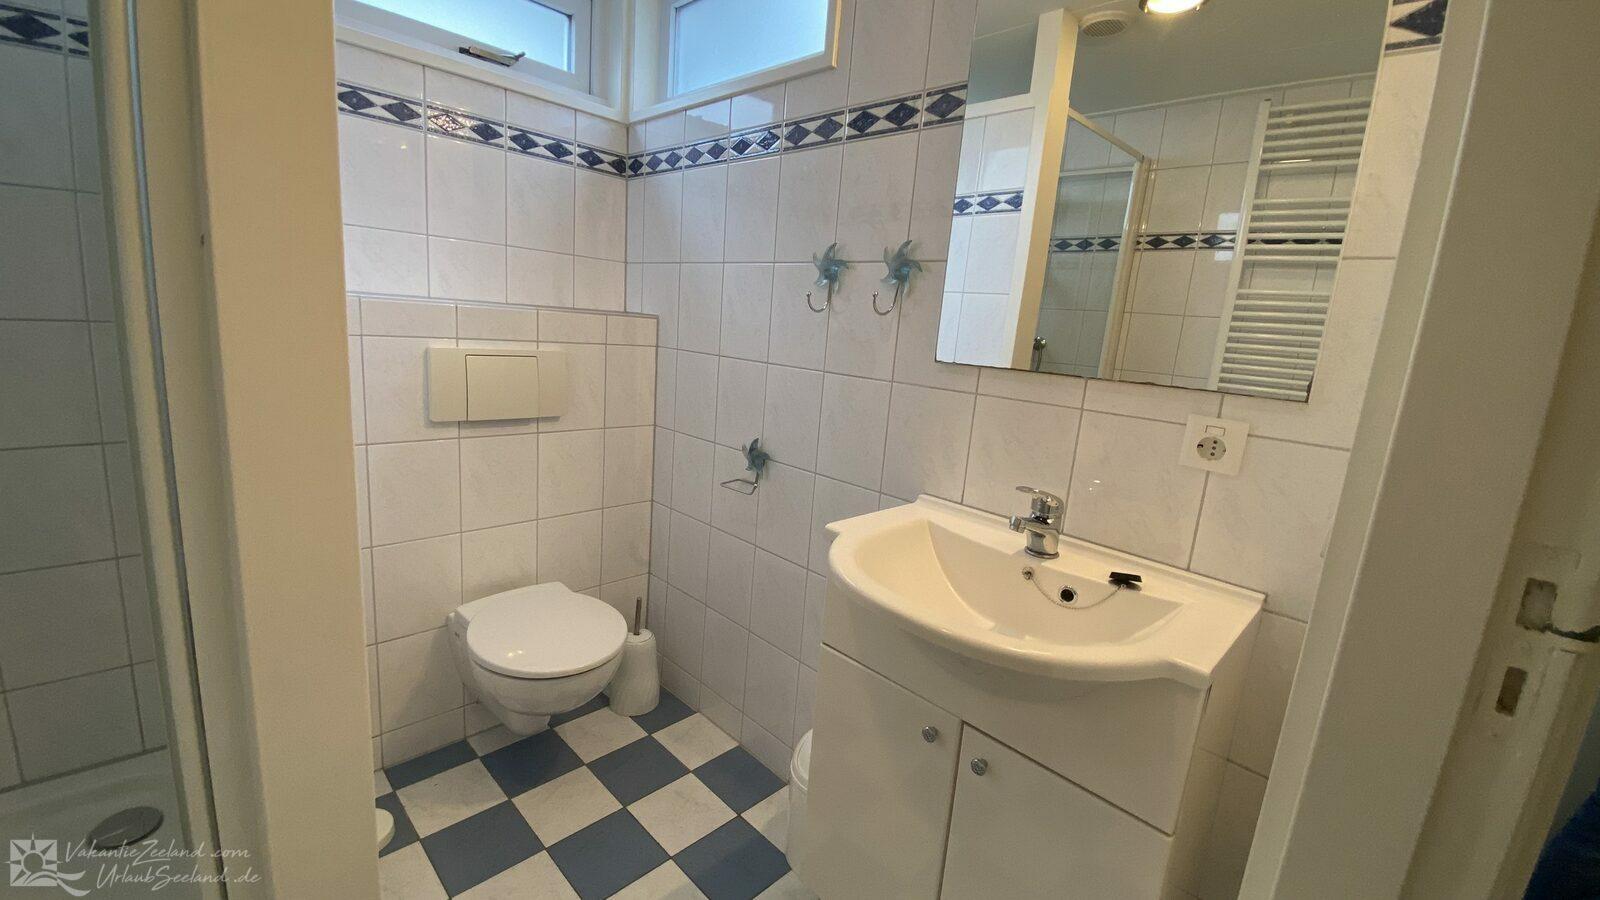 VZ420 Holiday Apartment Cadzand